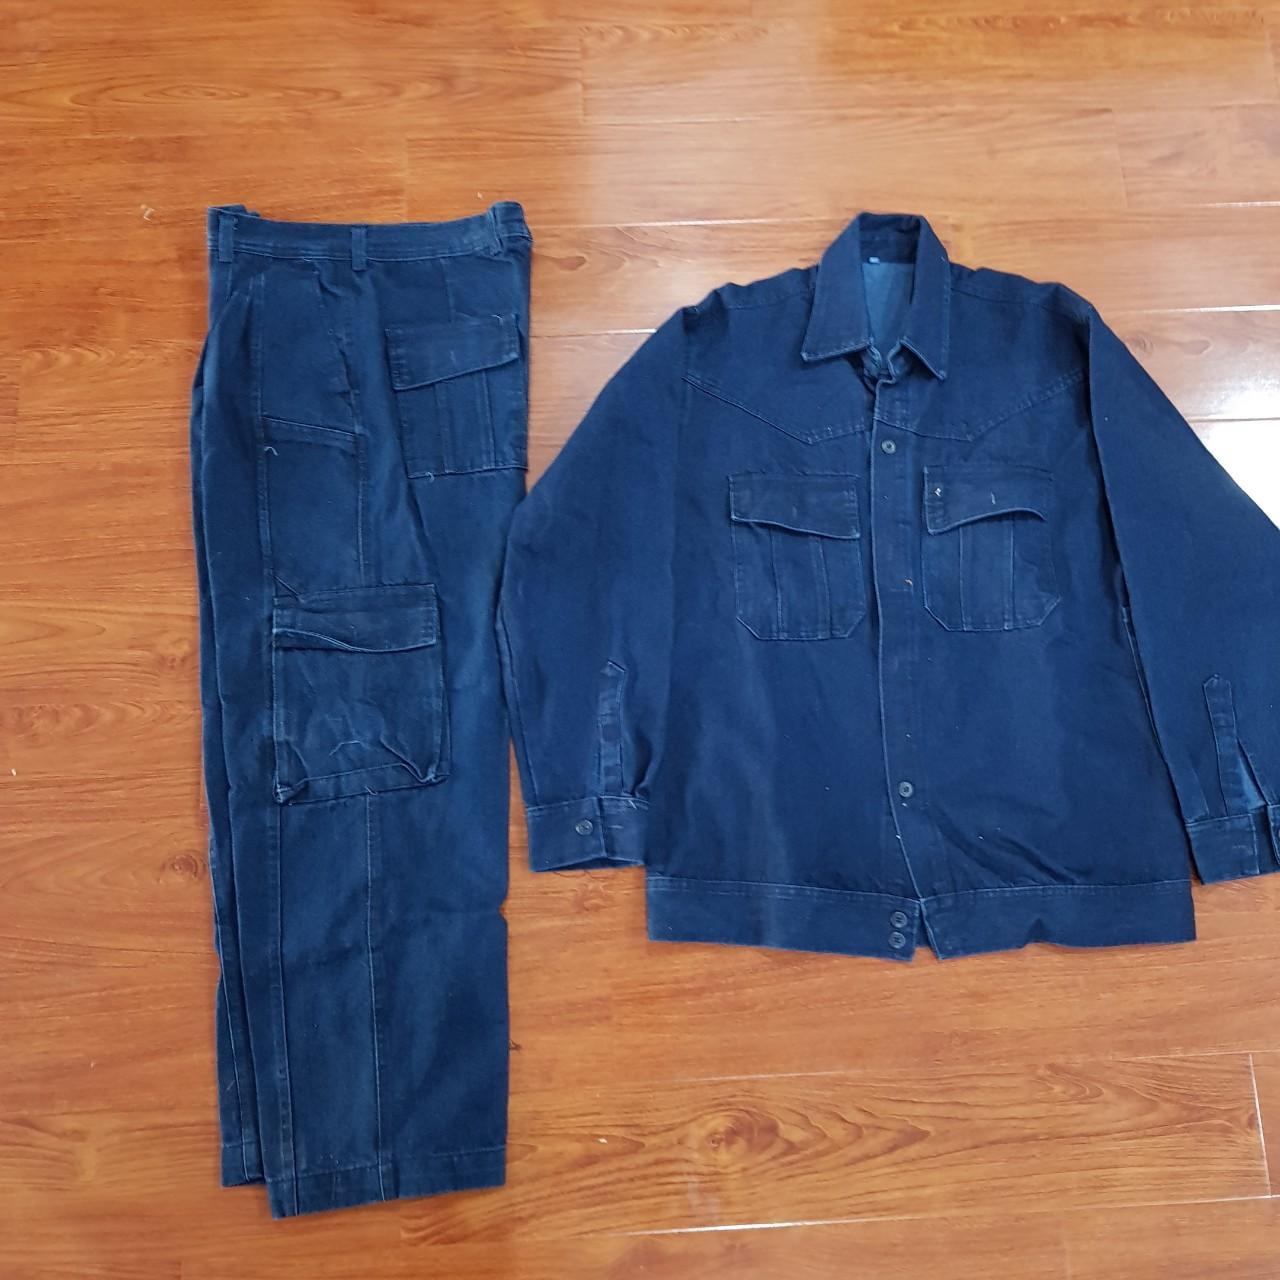 Quần áo điện lực/ Đồng phục điện lực theo tiêu chuẩn- Đủ size ( Kèm hình thật)